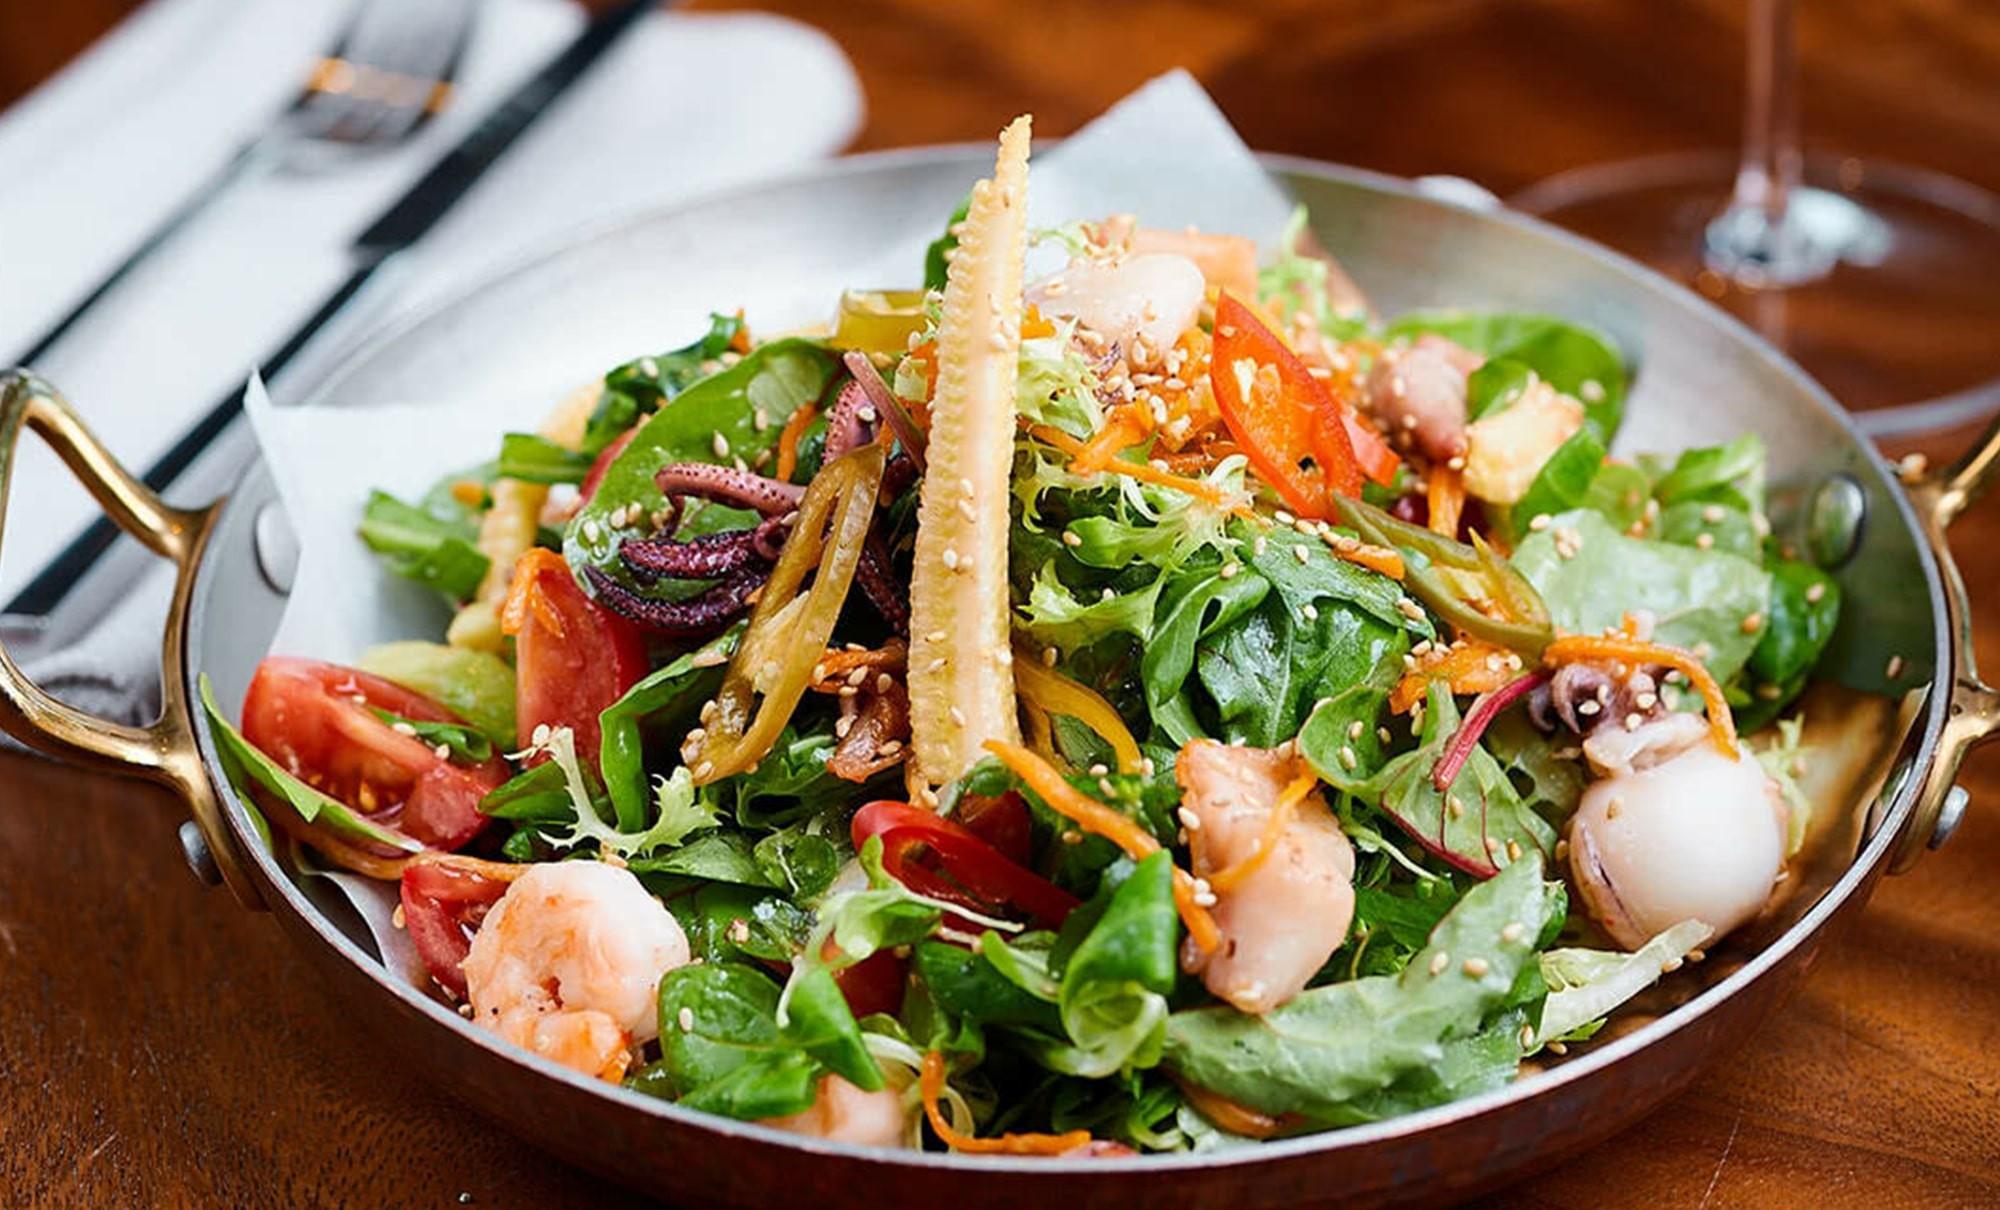 салат с морепродуктами и кукурузными початками в ресторане Веранда